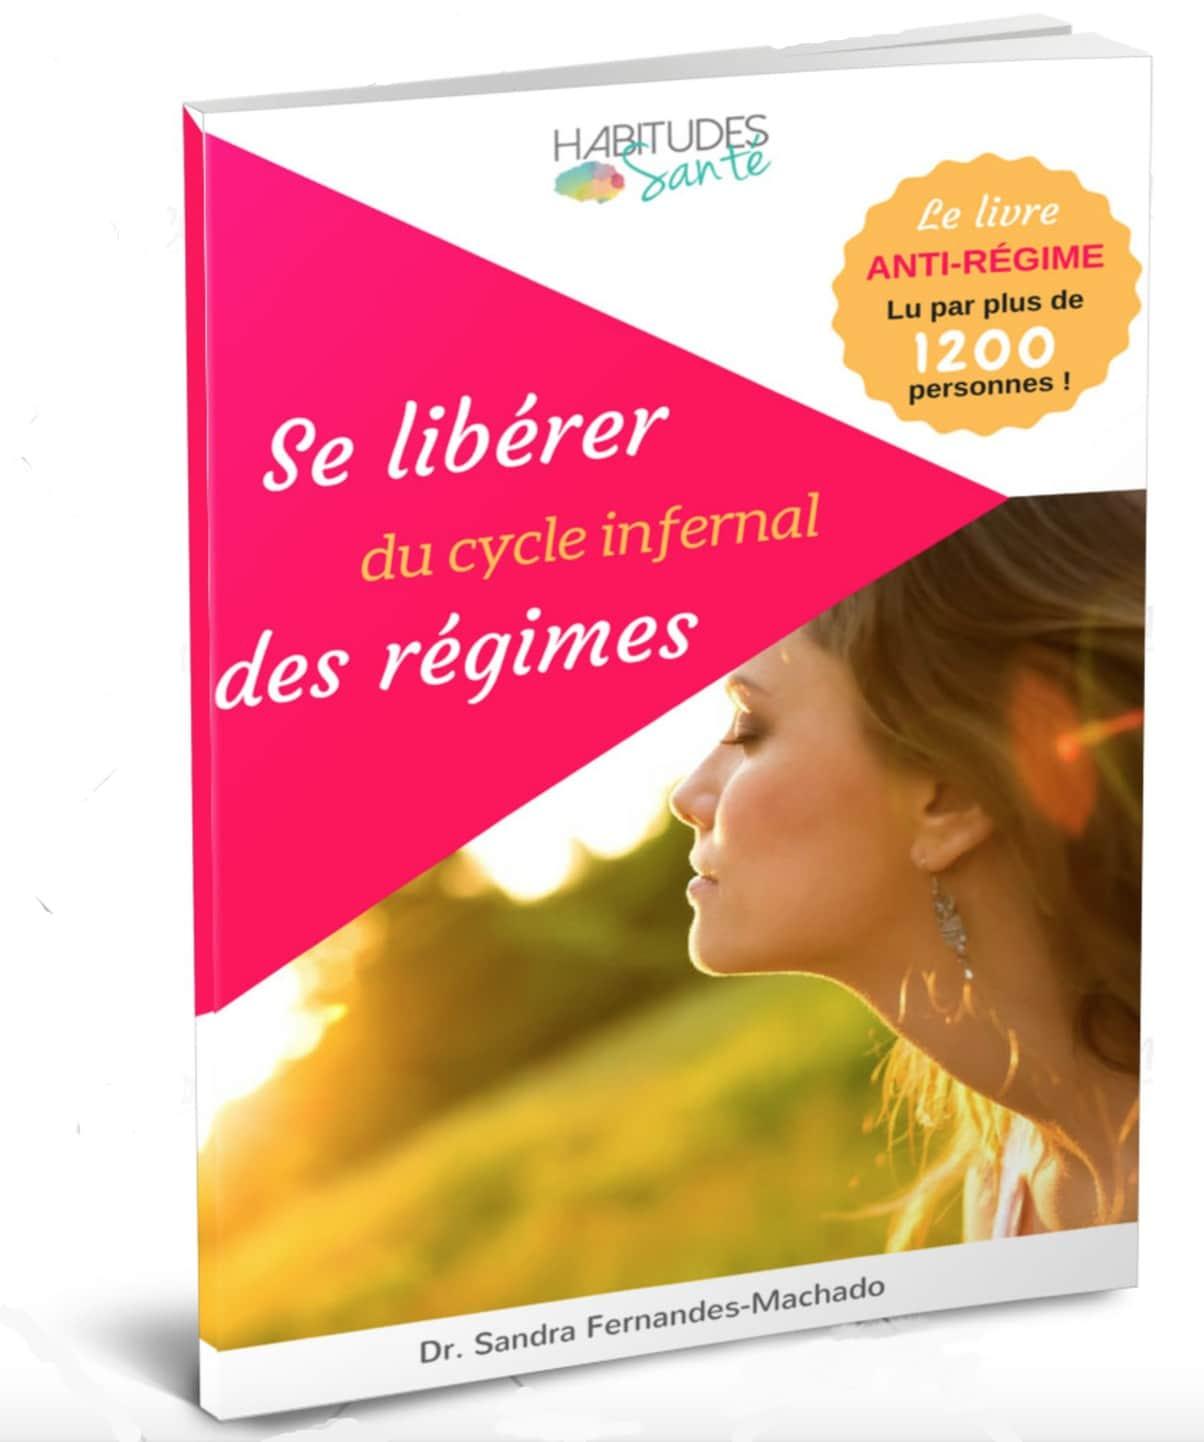 Livre gratuit Se liberer du cycle infernal des regimes pdf sur www.sandrafm.com